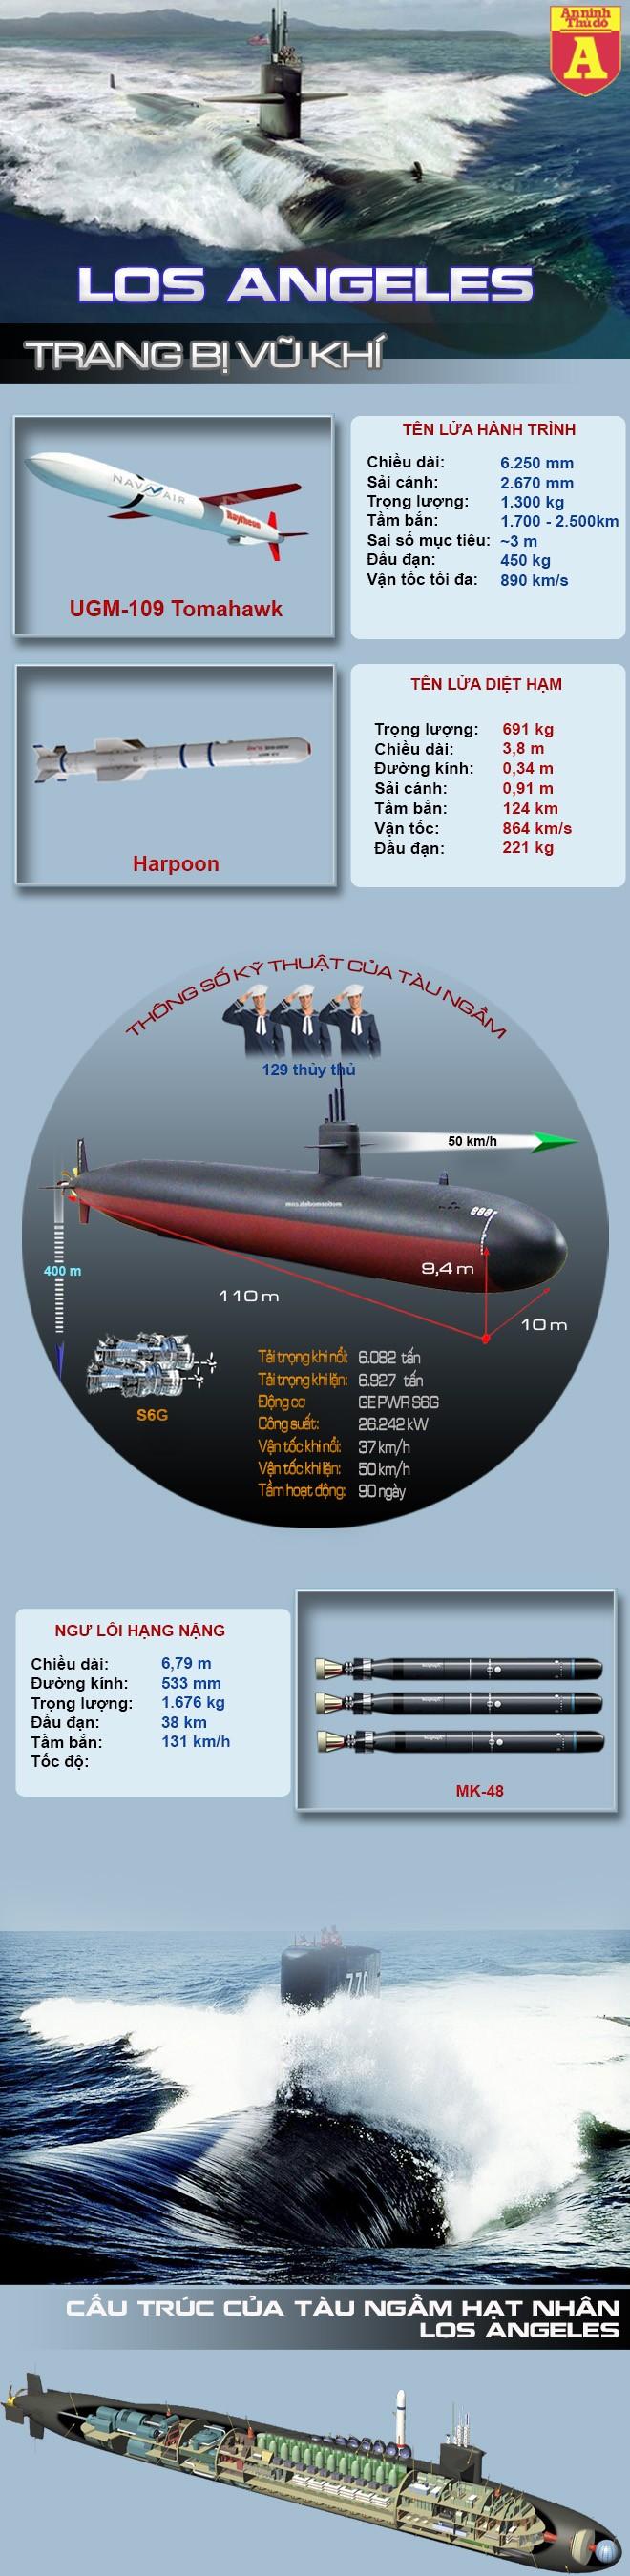 """[ĐỒ HỌA] Lý do bất ngờ của việc siêu tàu ngầm hạt nhân Mỹ """"bất lực"""" suốt 4 năm trời ảnh 2"""